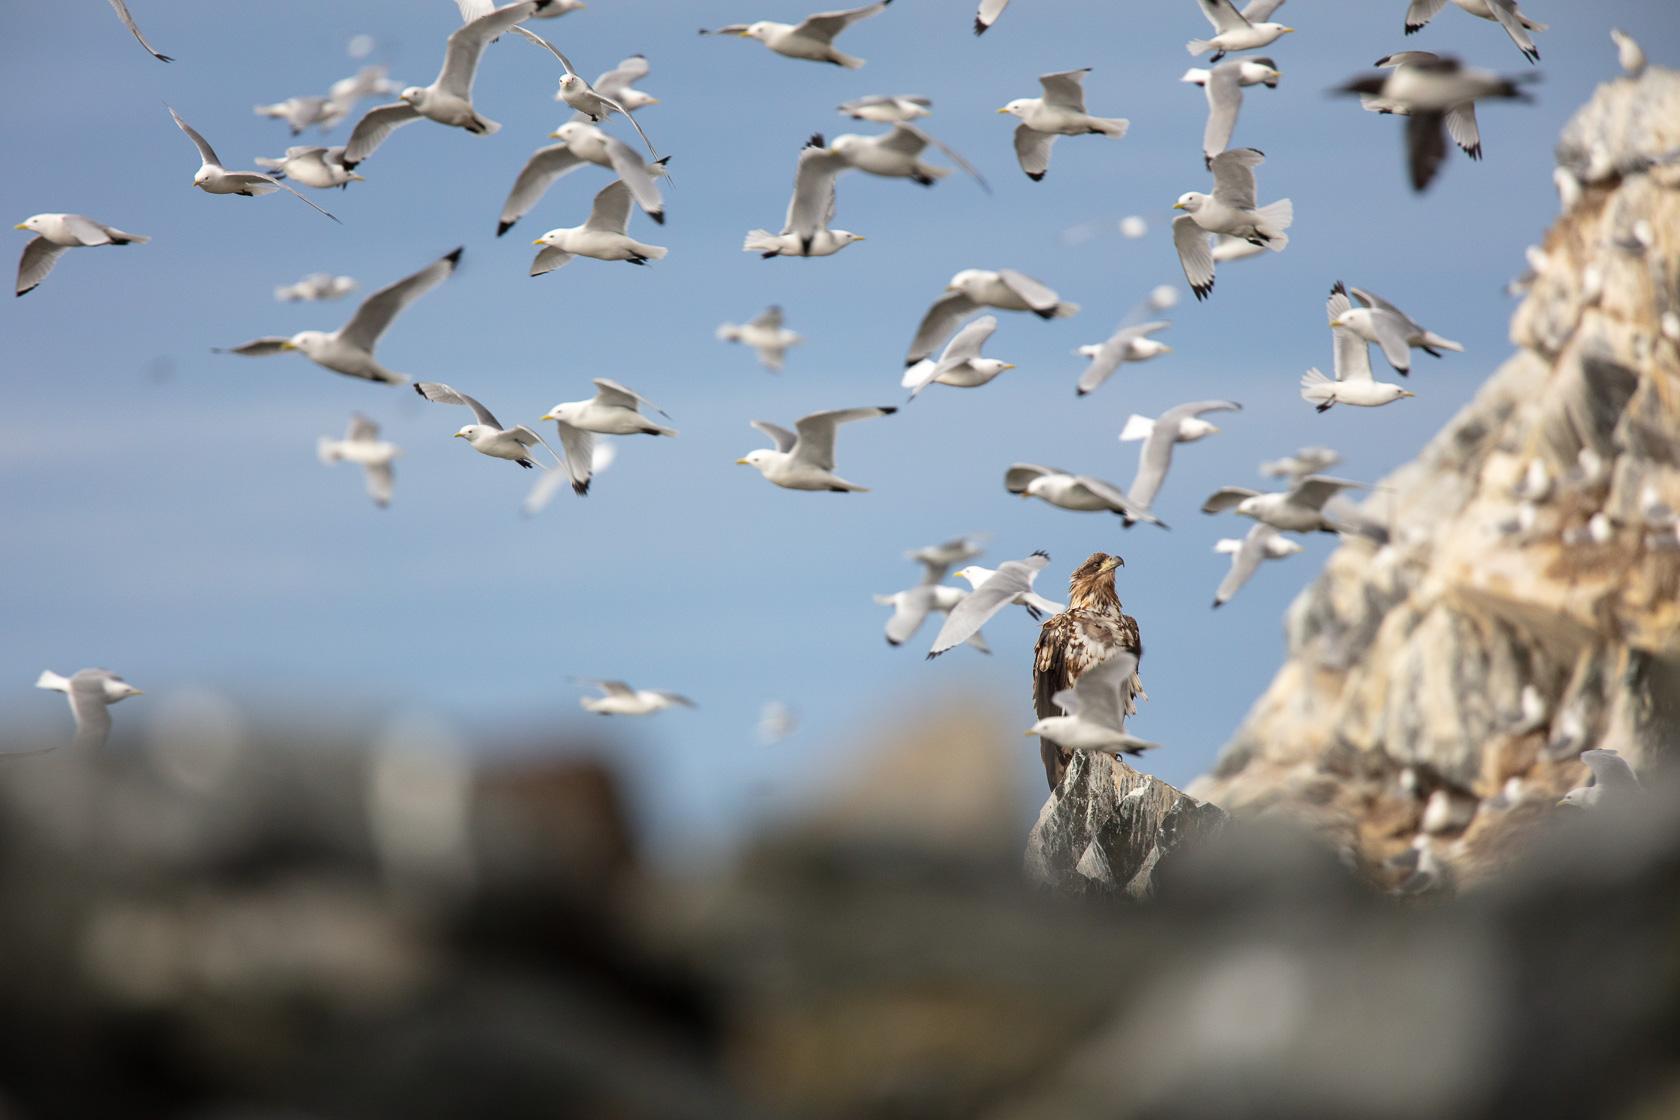 Pygargue à queue blanche subadulte dans une colonie de mouettes tridactyles, sur l'île d'Hornøya en Norvège